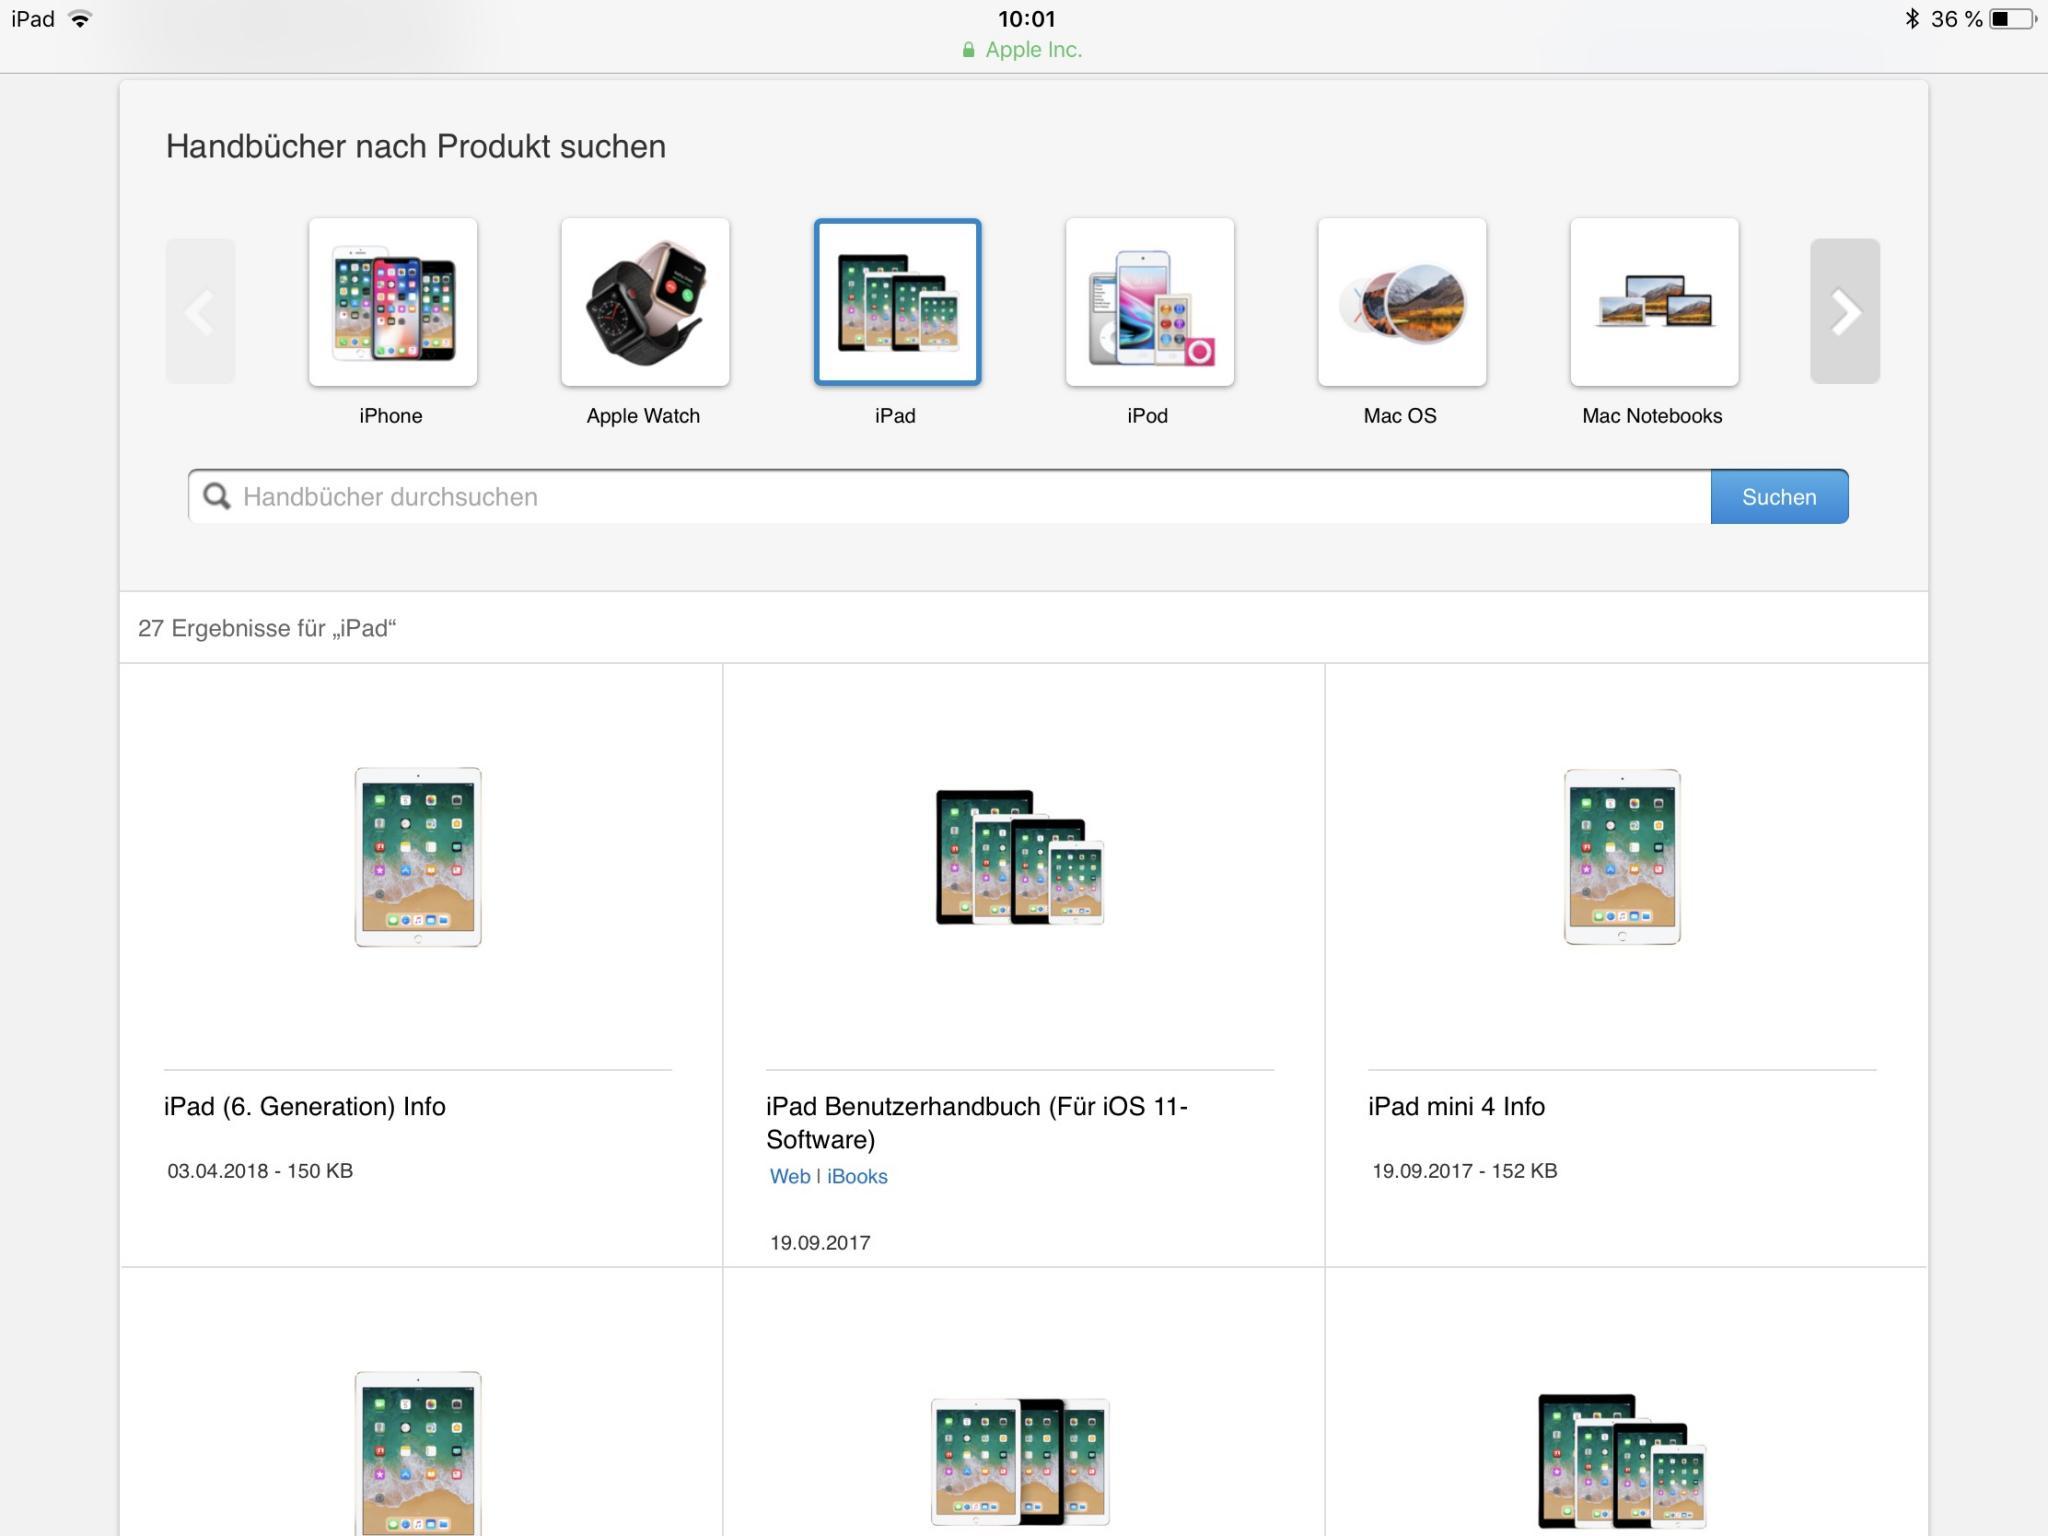 Die Apple-Website enthält die Handbücher für aktuelle Hard- und Software-Versionen.